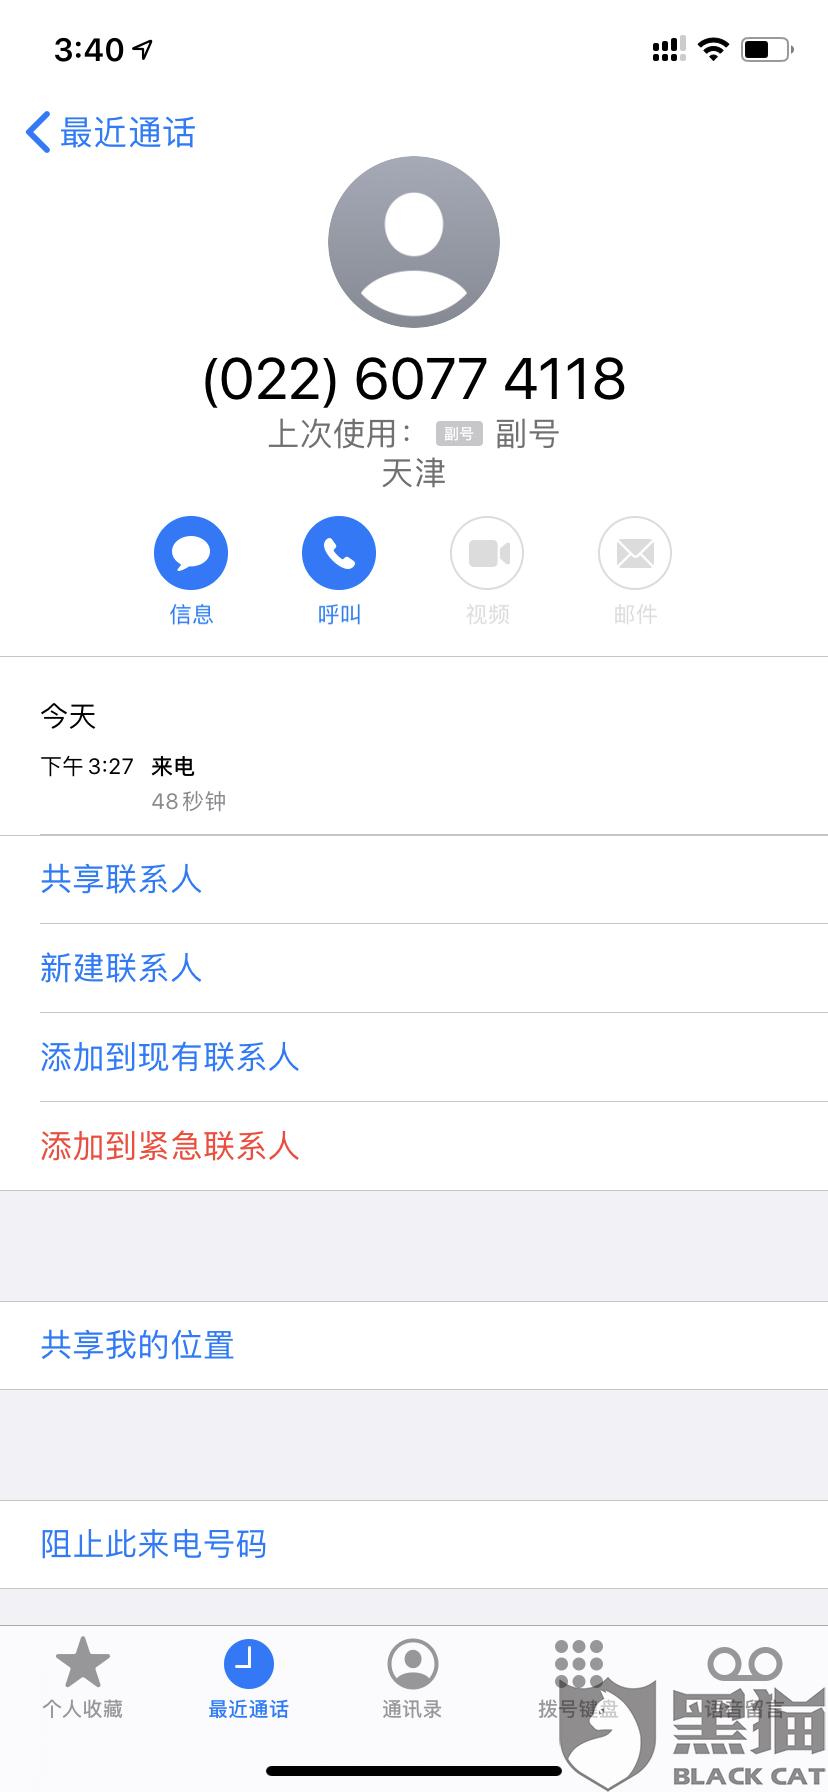 黑猫投诉:启信宝平台恶意公开个人手机号码